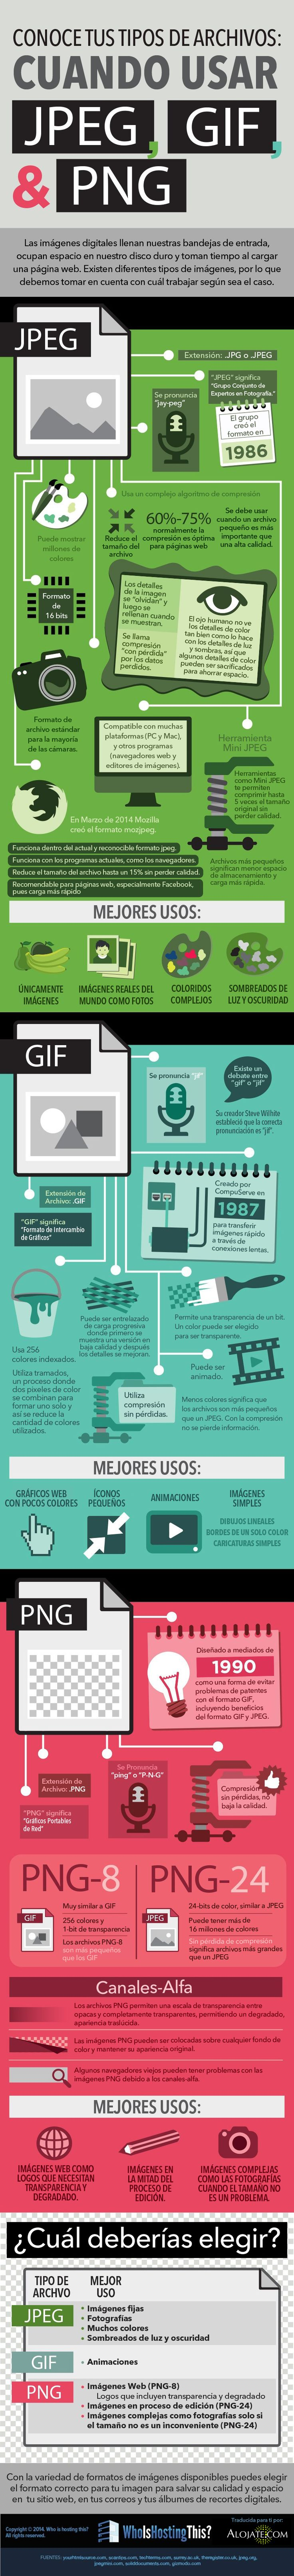 #Diseño tipos de #archivo de #imagenes #infografia